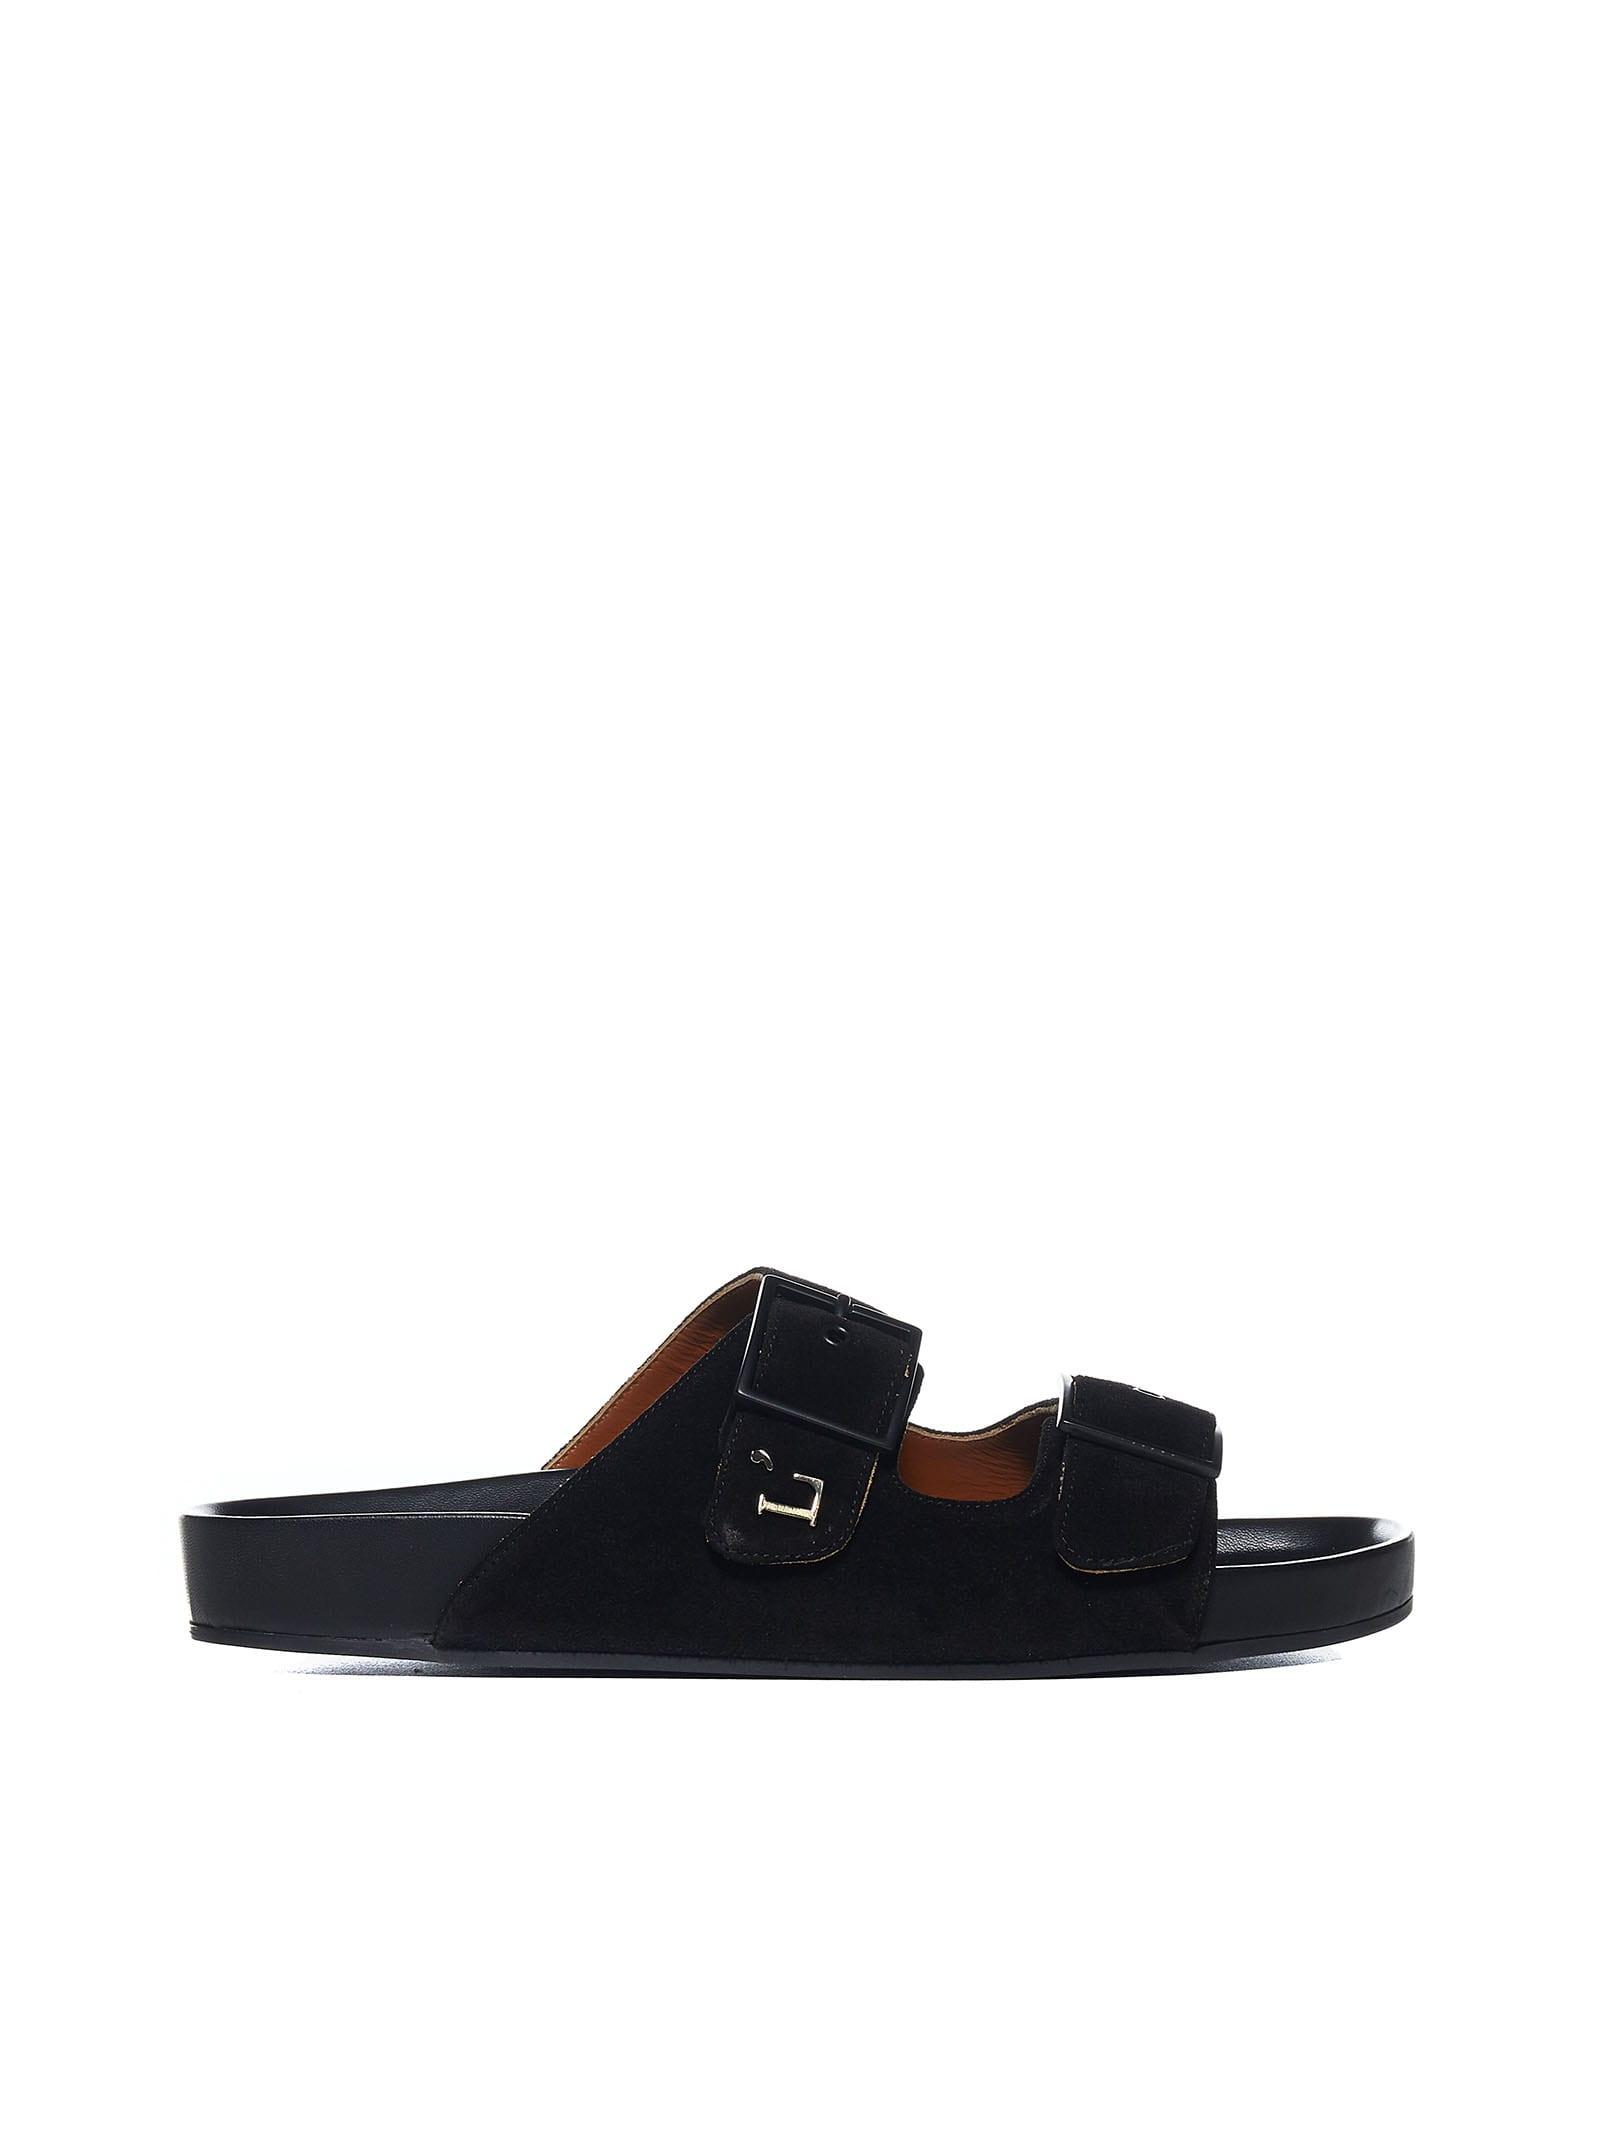 LAutre Chose Flat Shoes